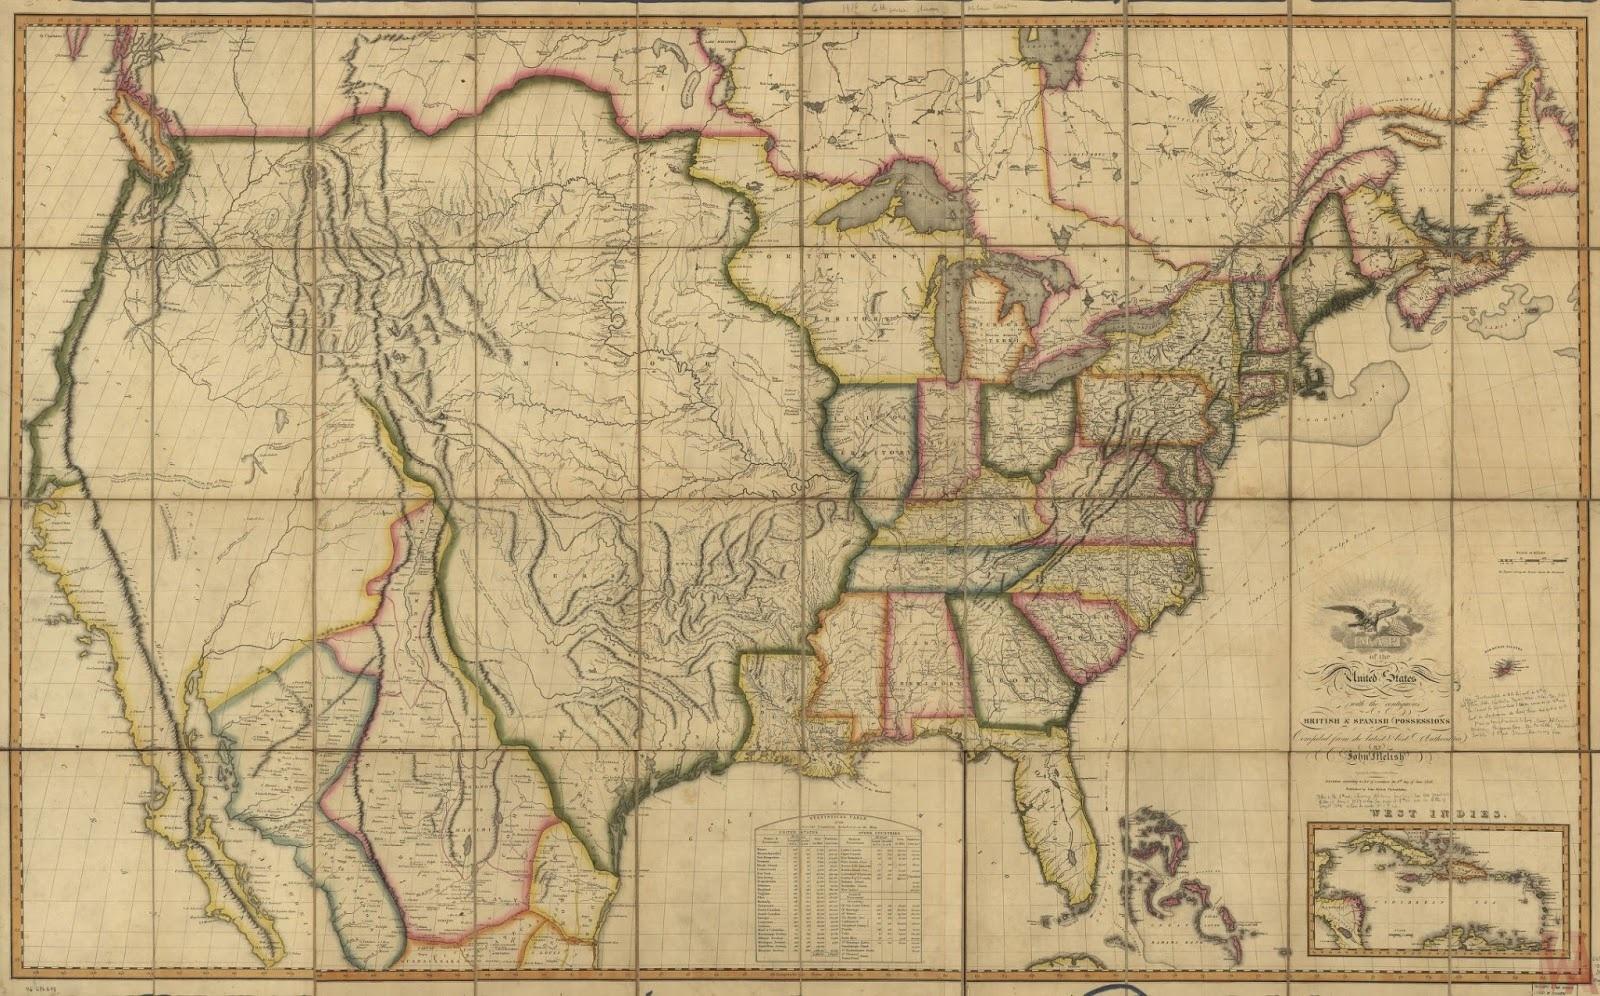 United States -British Spanish Territory